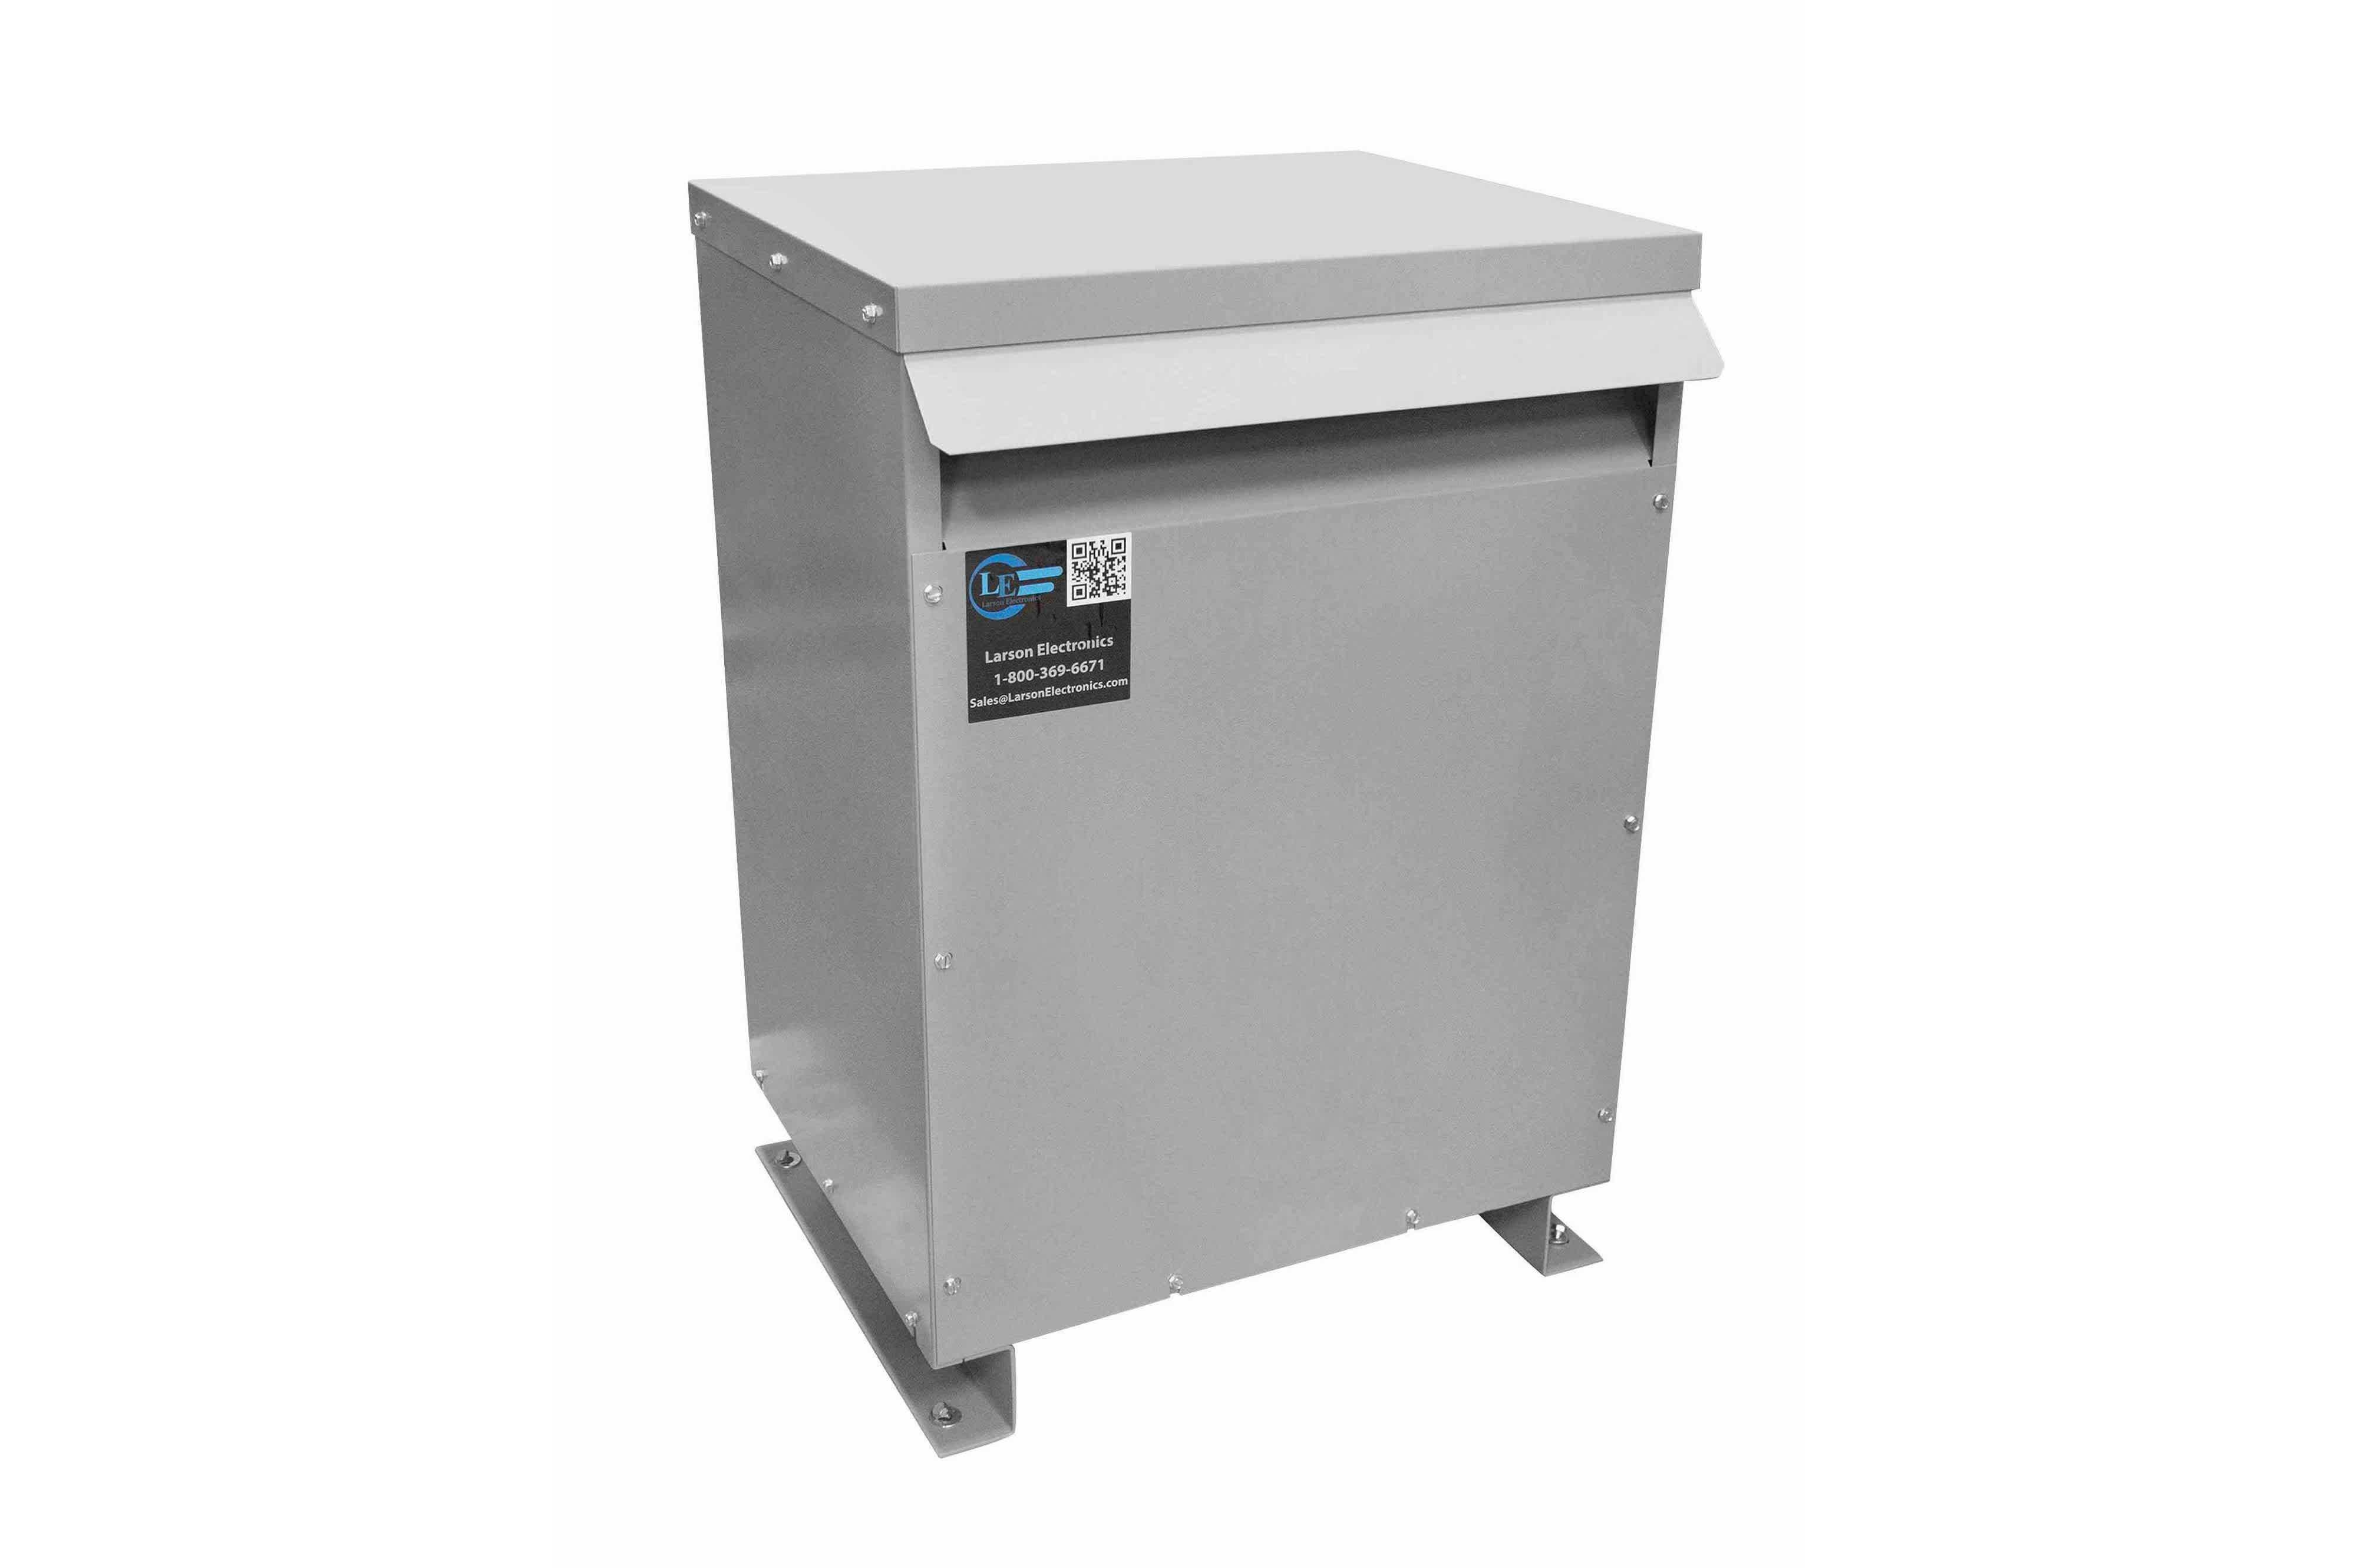 9 kVA 3PH DOE Transformer, 400V Delta Primary, 240V/120 Delta Secondary, N3R, Ventilated, 60 Hz